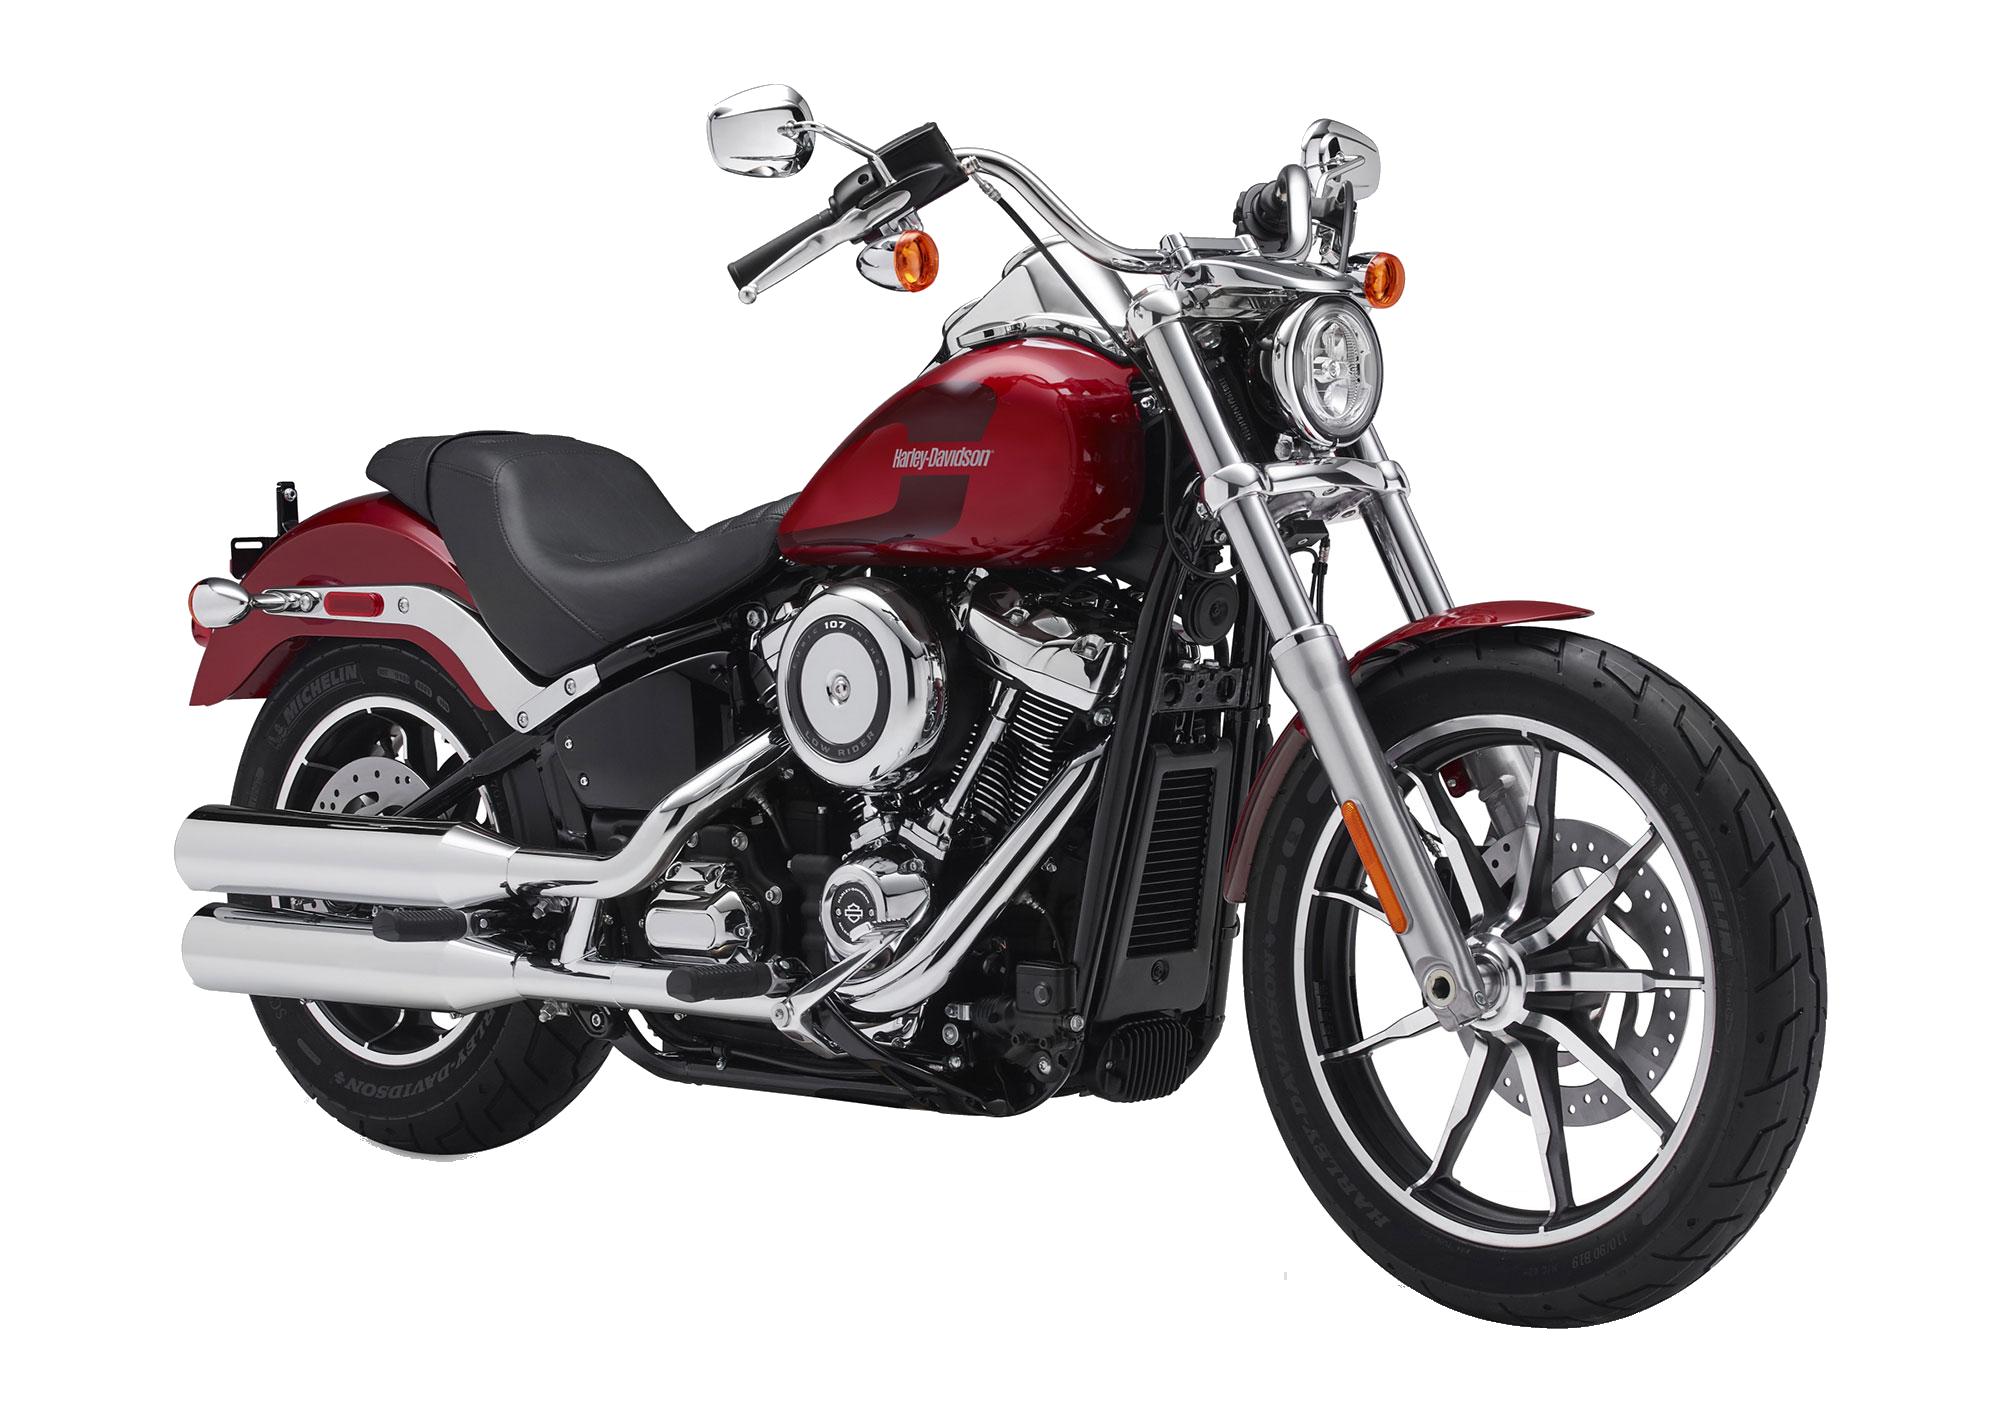 Harley Davidson PNG HD Images #41715.